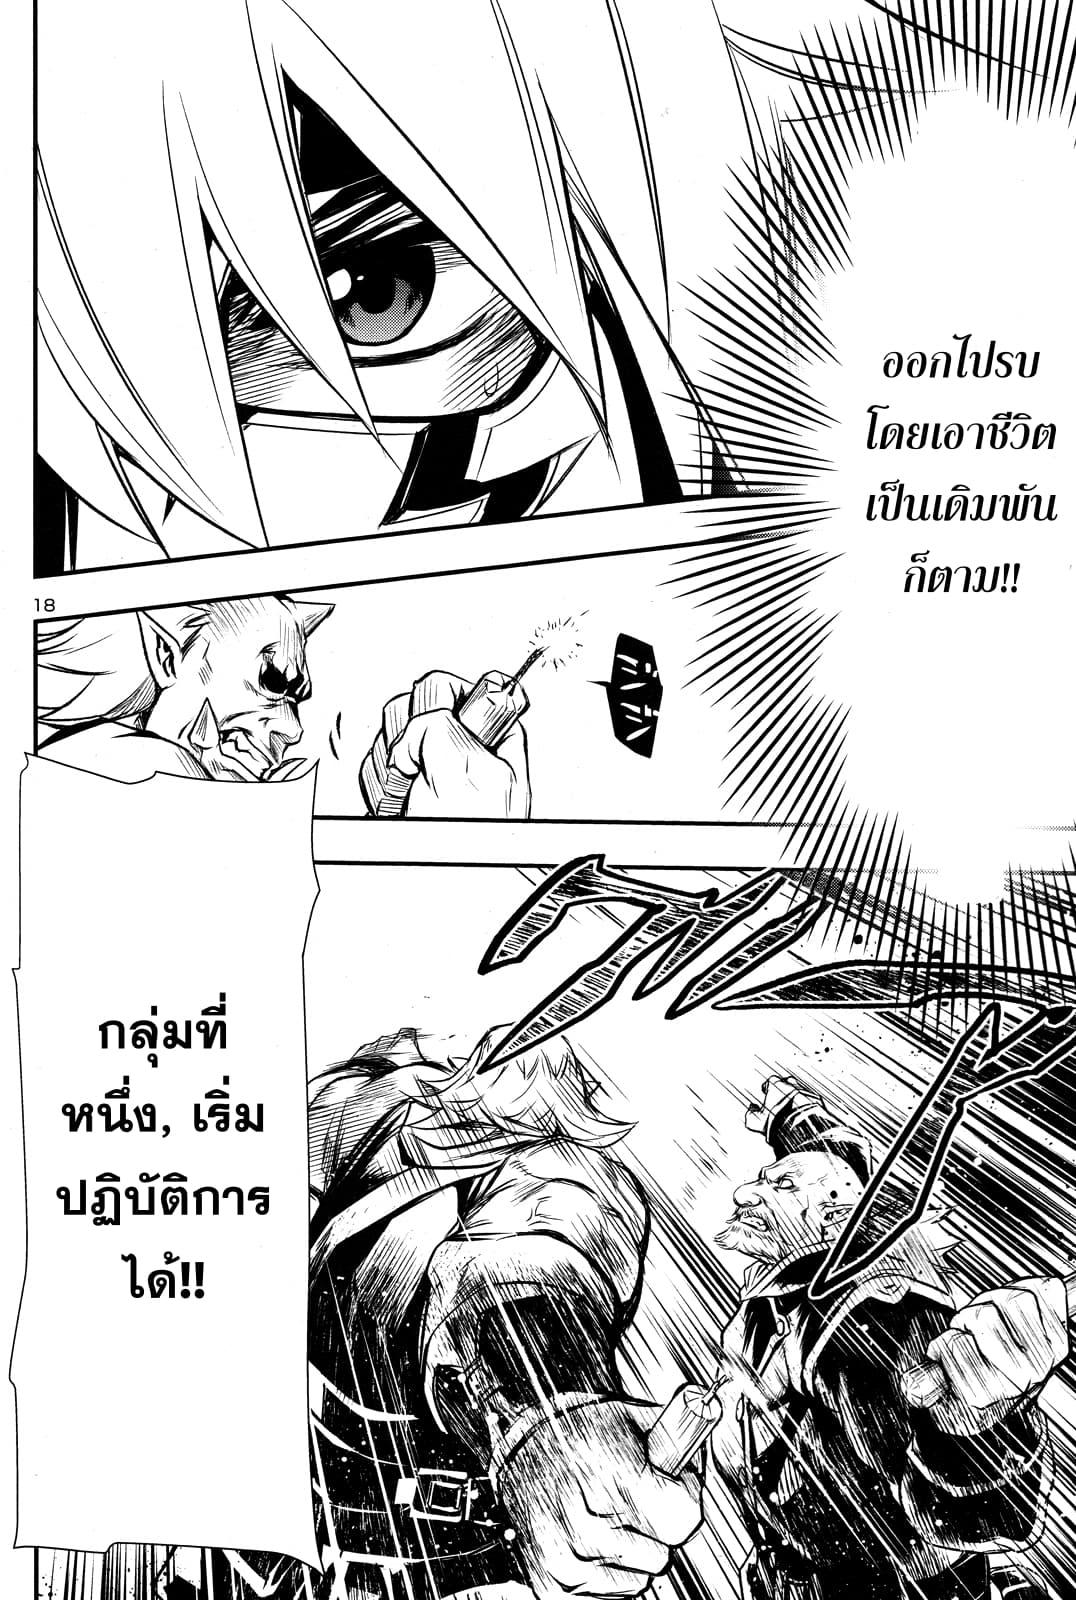 อ่านการ์ตูน Shinju no Nectar ตอนที่ 6 หน้าที่ 18